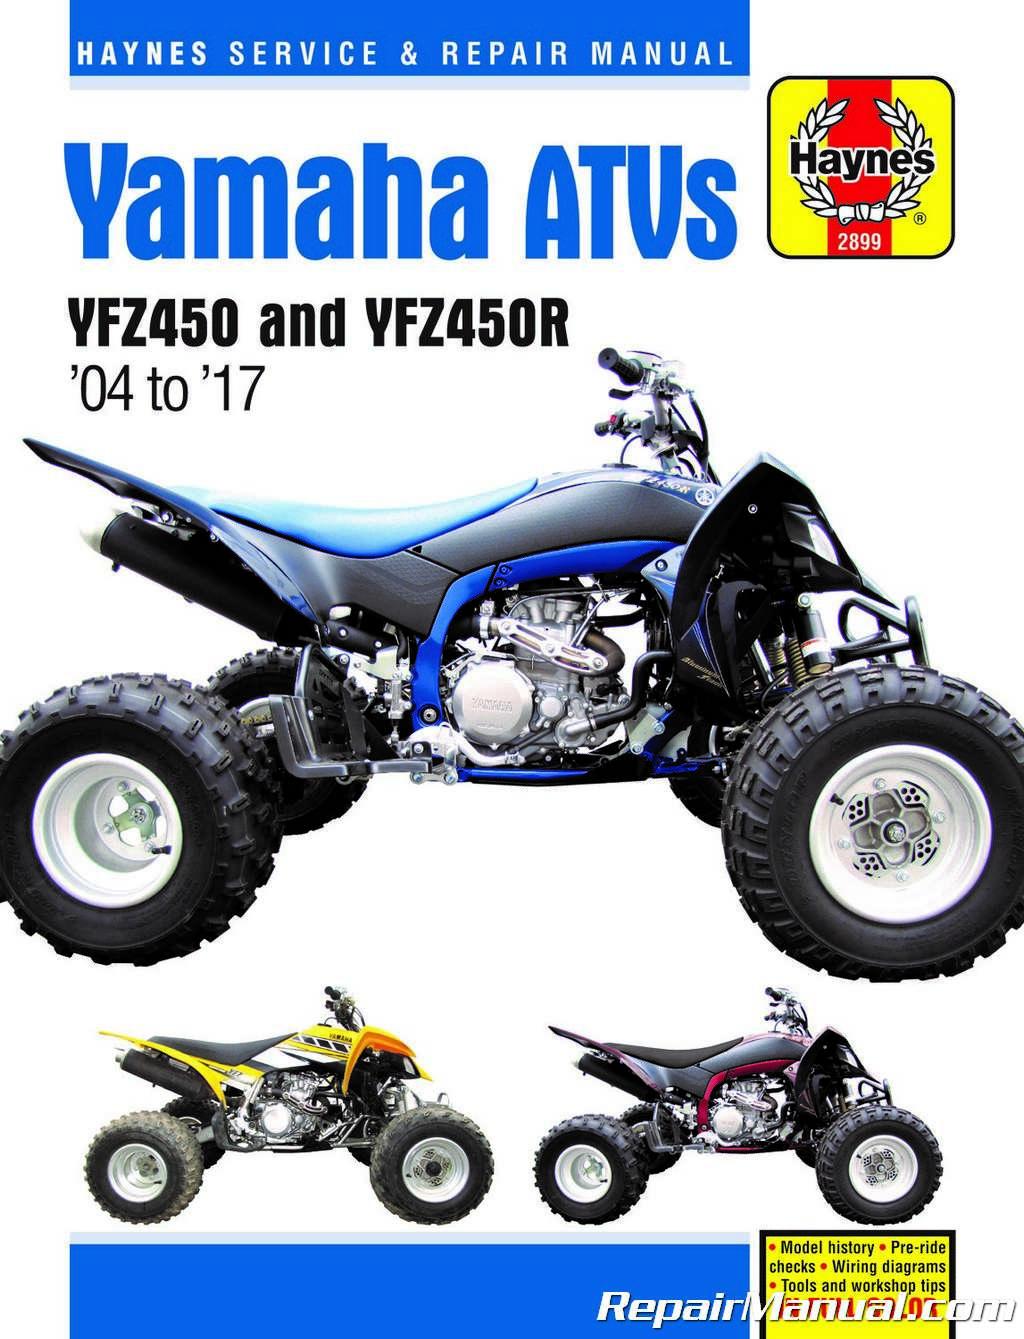 2013 Yamaha Atv Wiring Diagrams - Schematics Online on